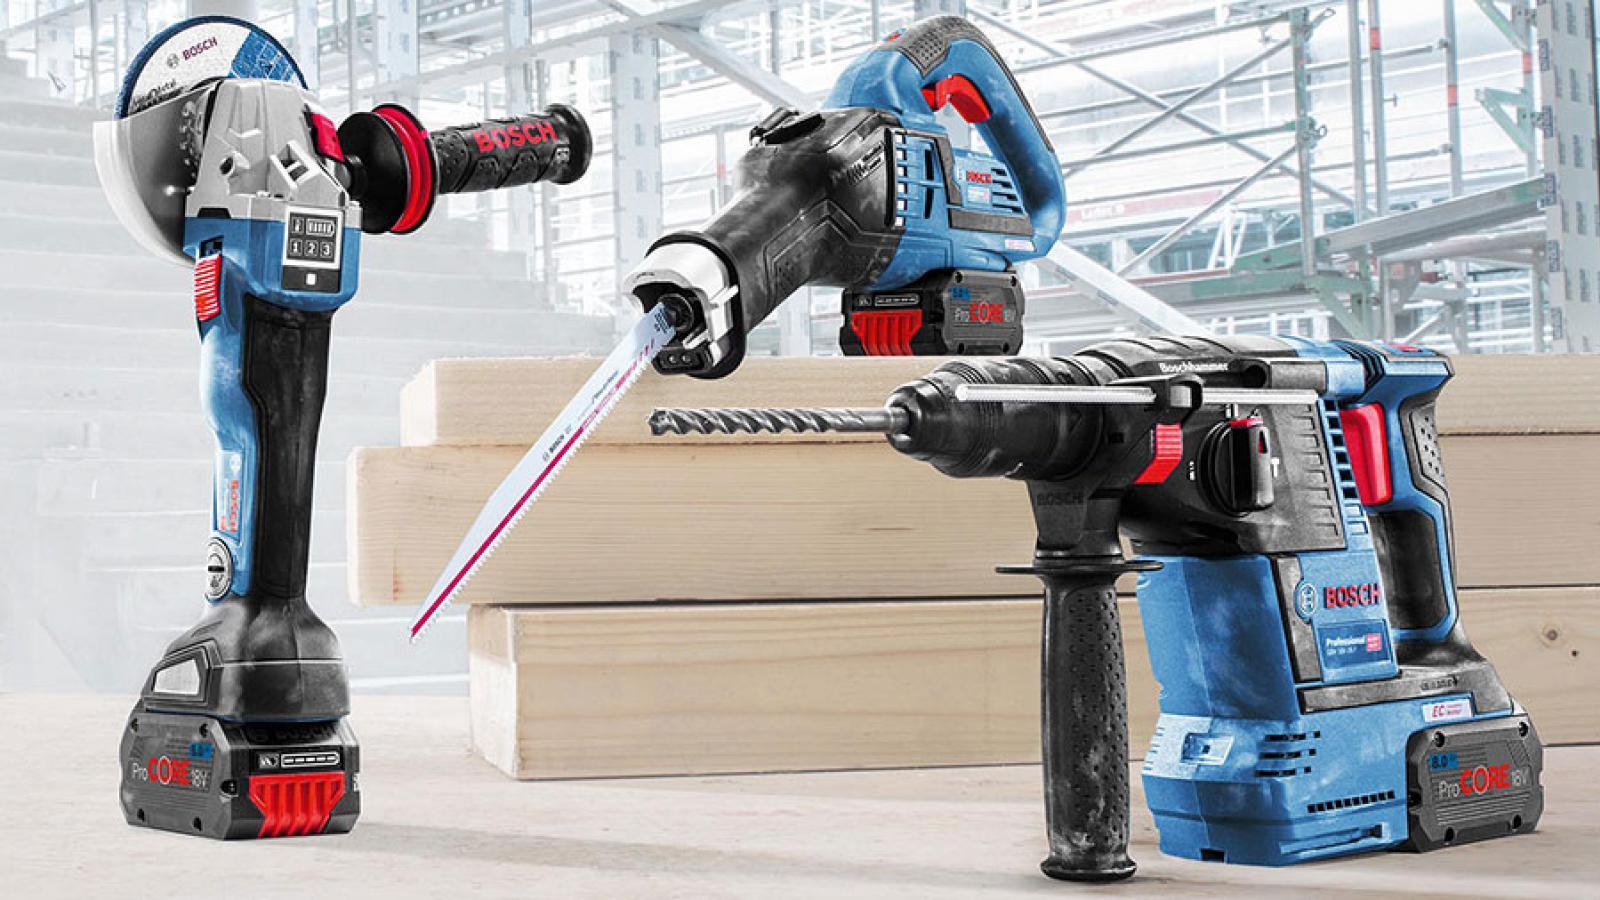 Nouvelle gamme de batterie Procore 18V 4Ah 8Ah 12Ah Bosch professional